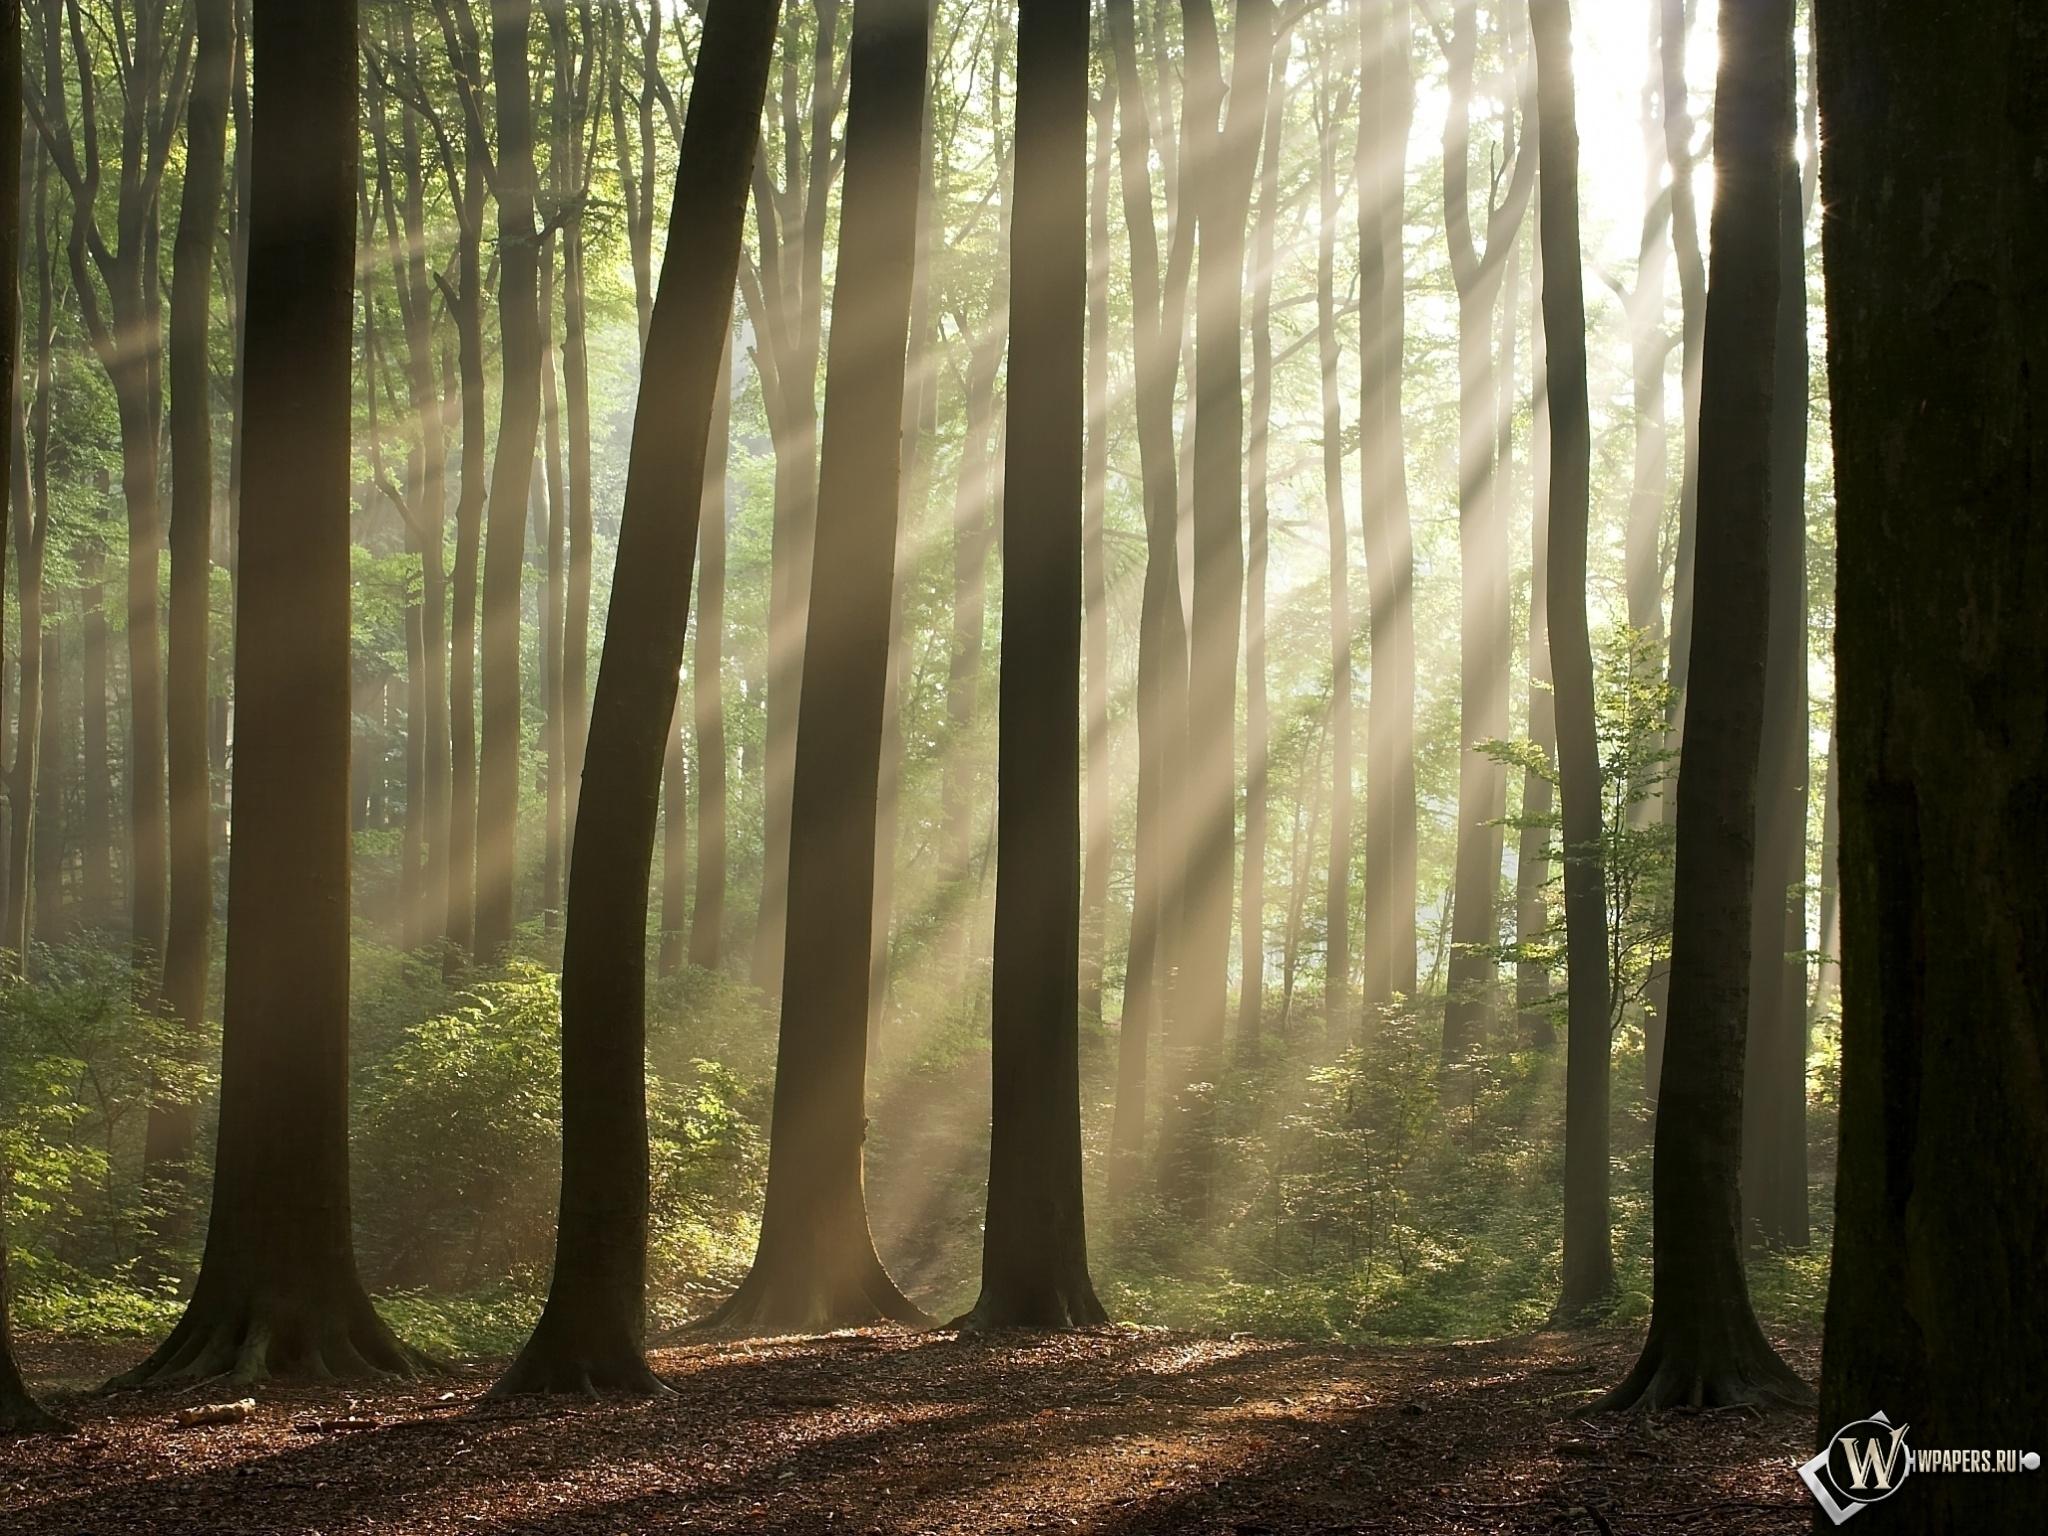 Утренний лес 2048x1536